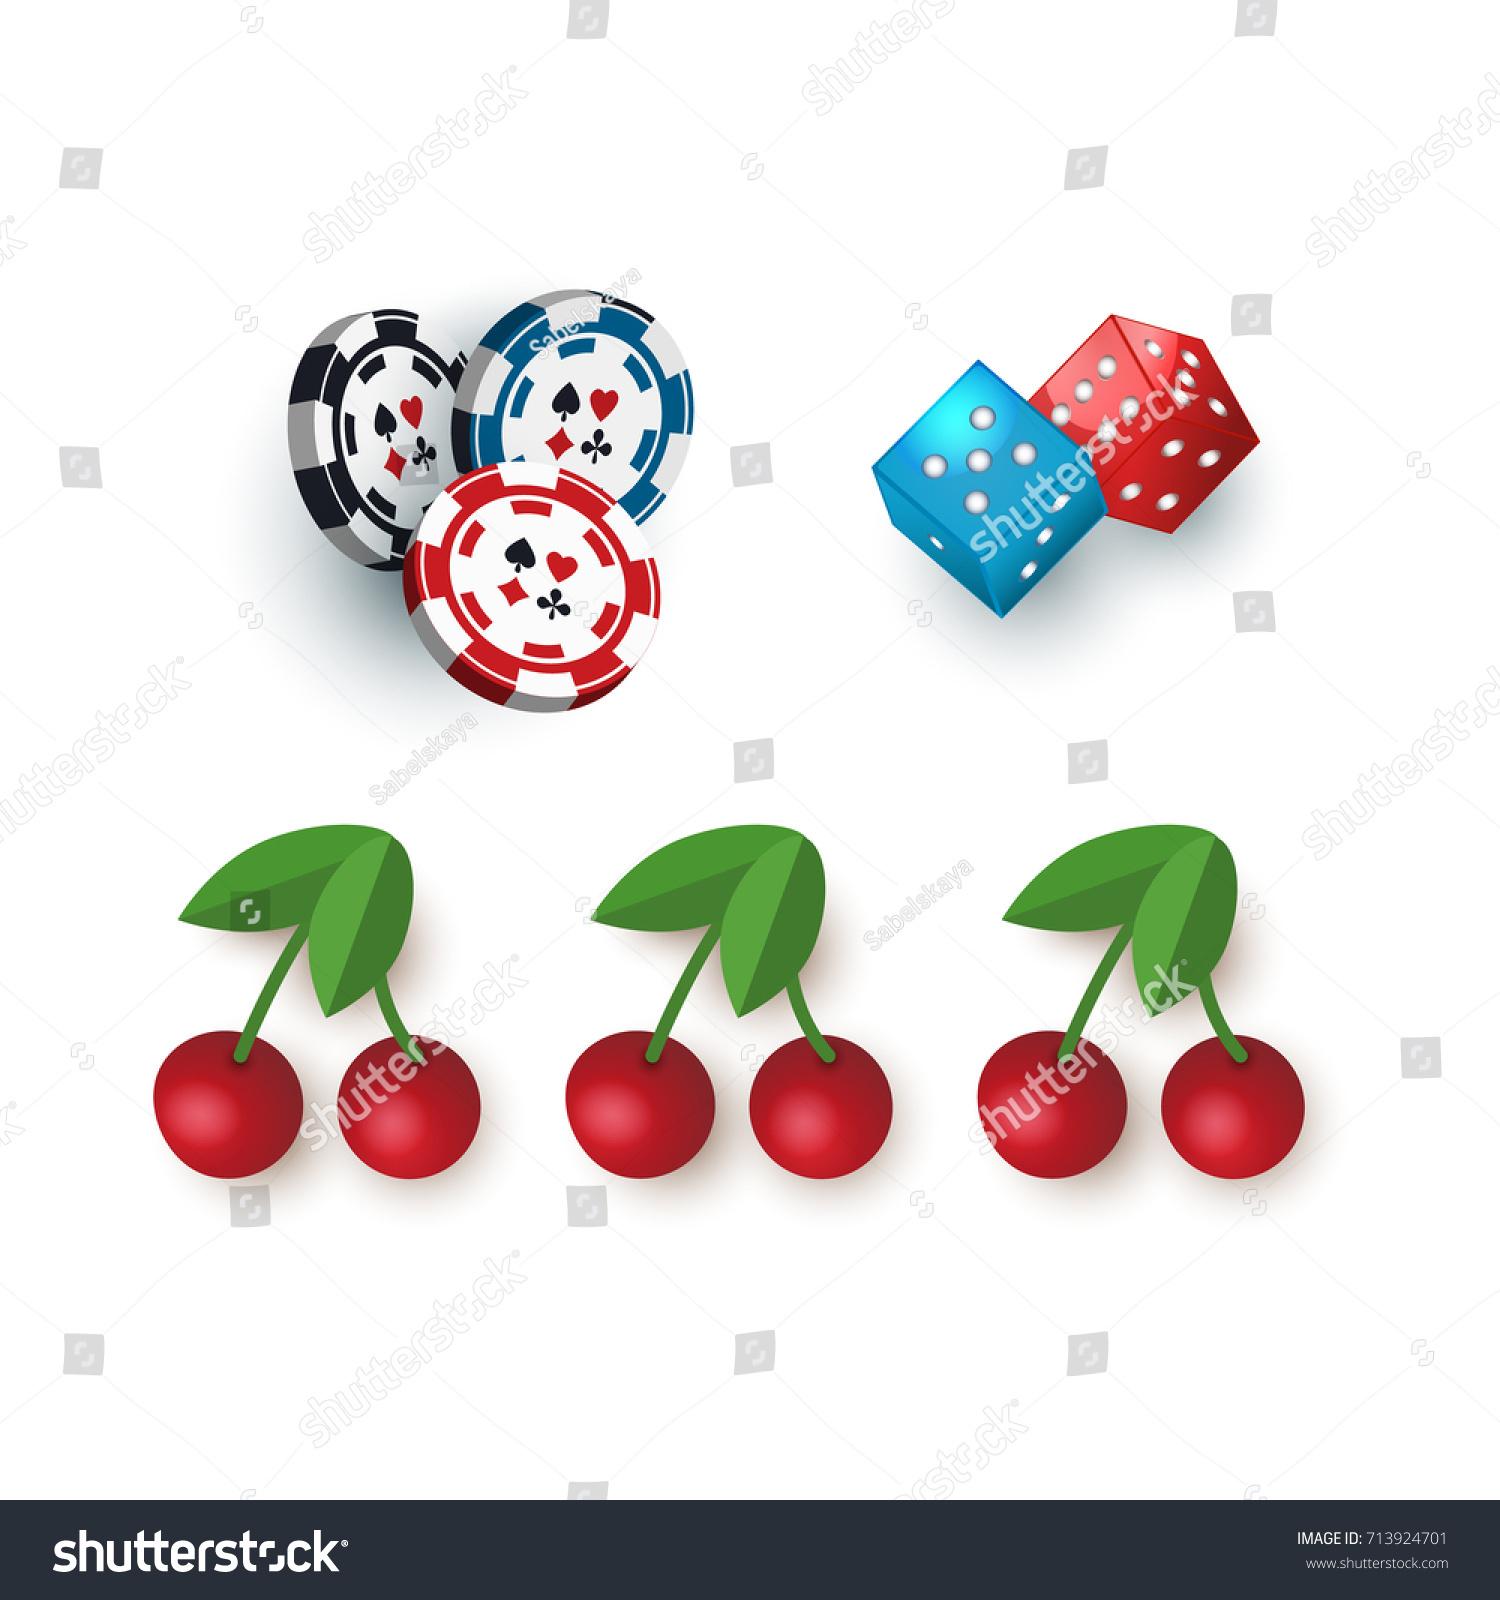 Berry casino cherry winstar casino poker tournaments